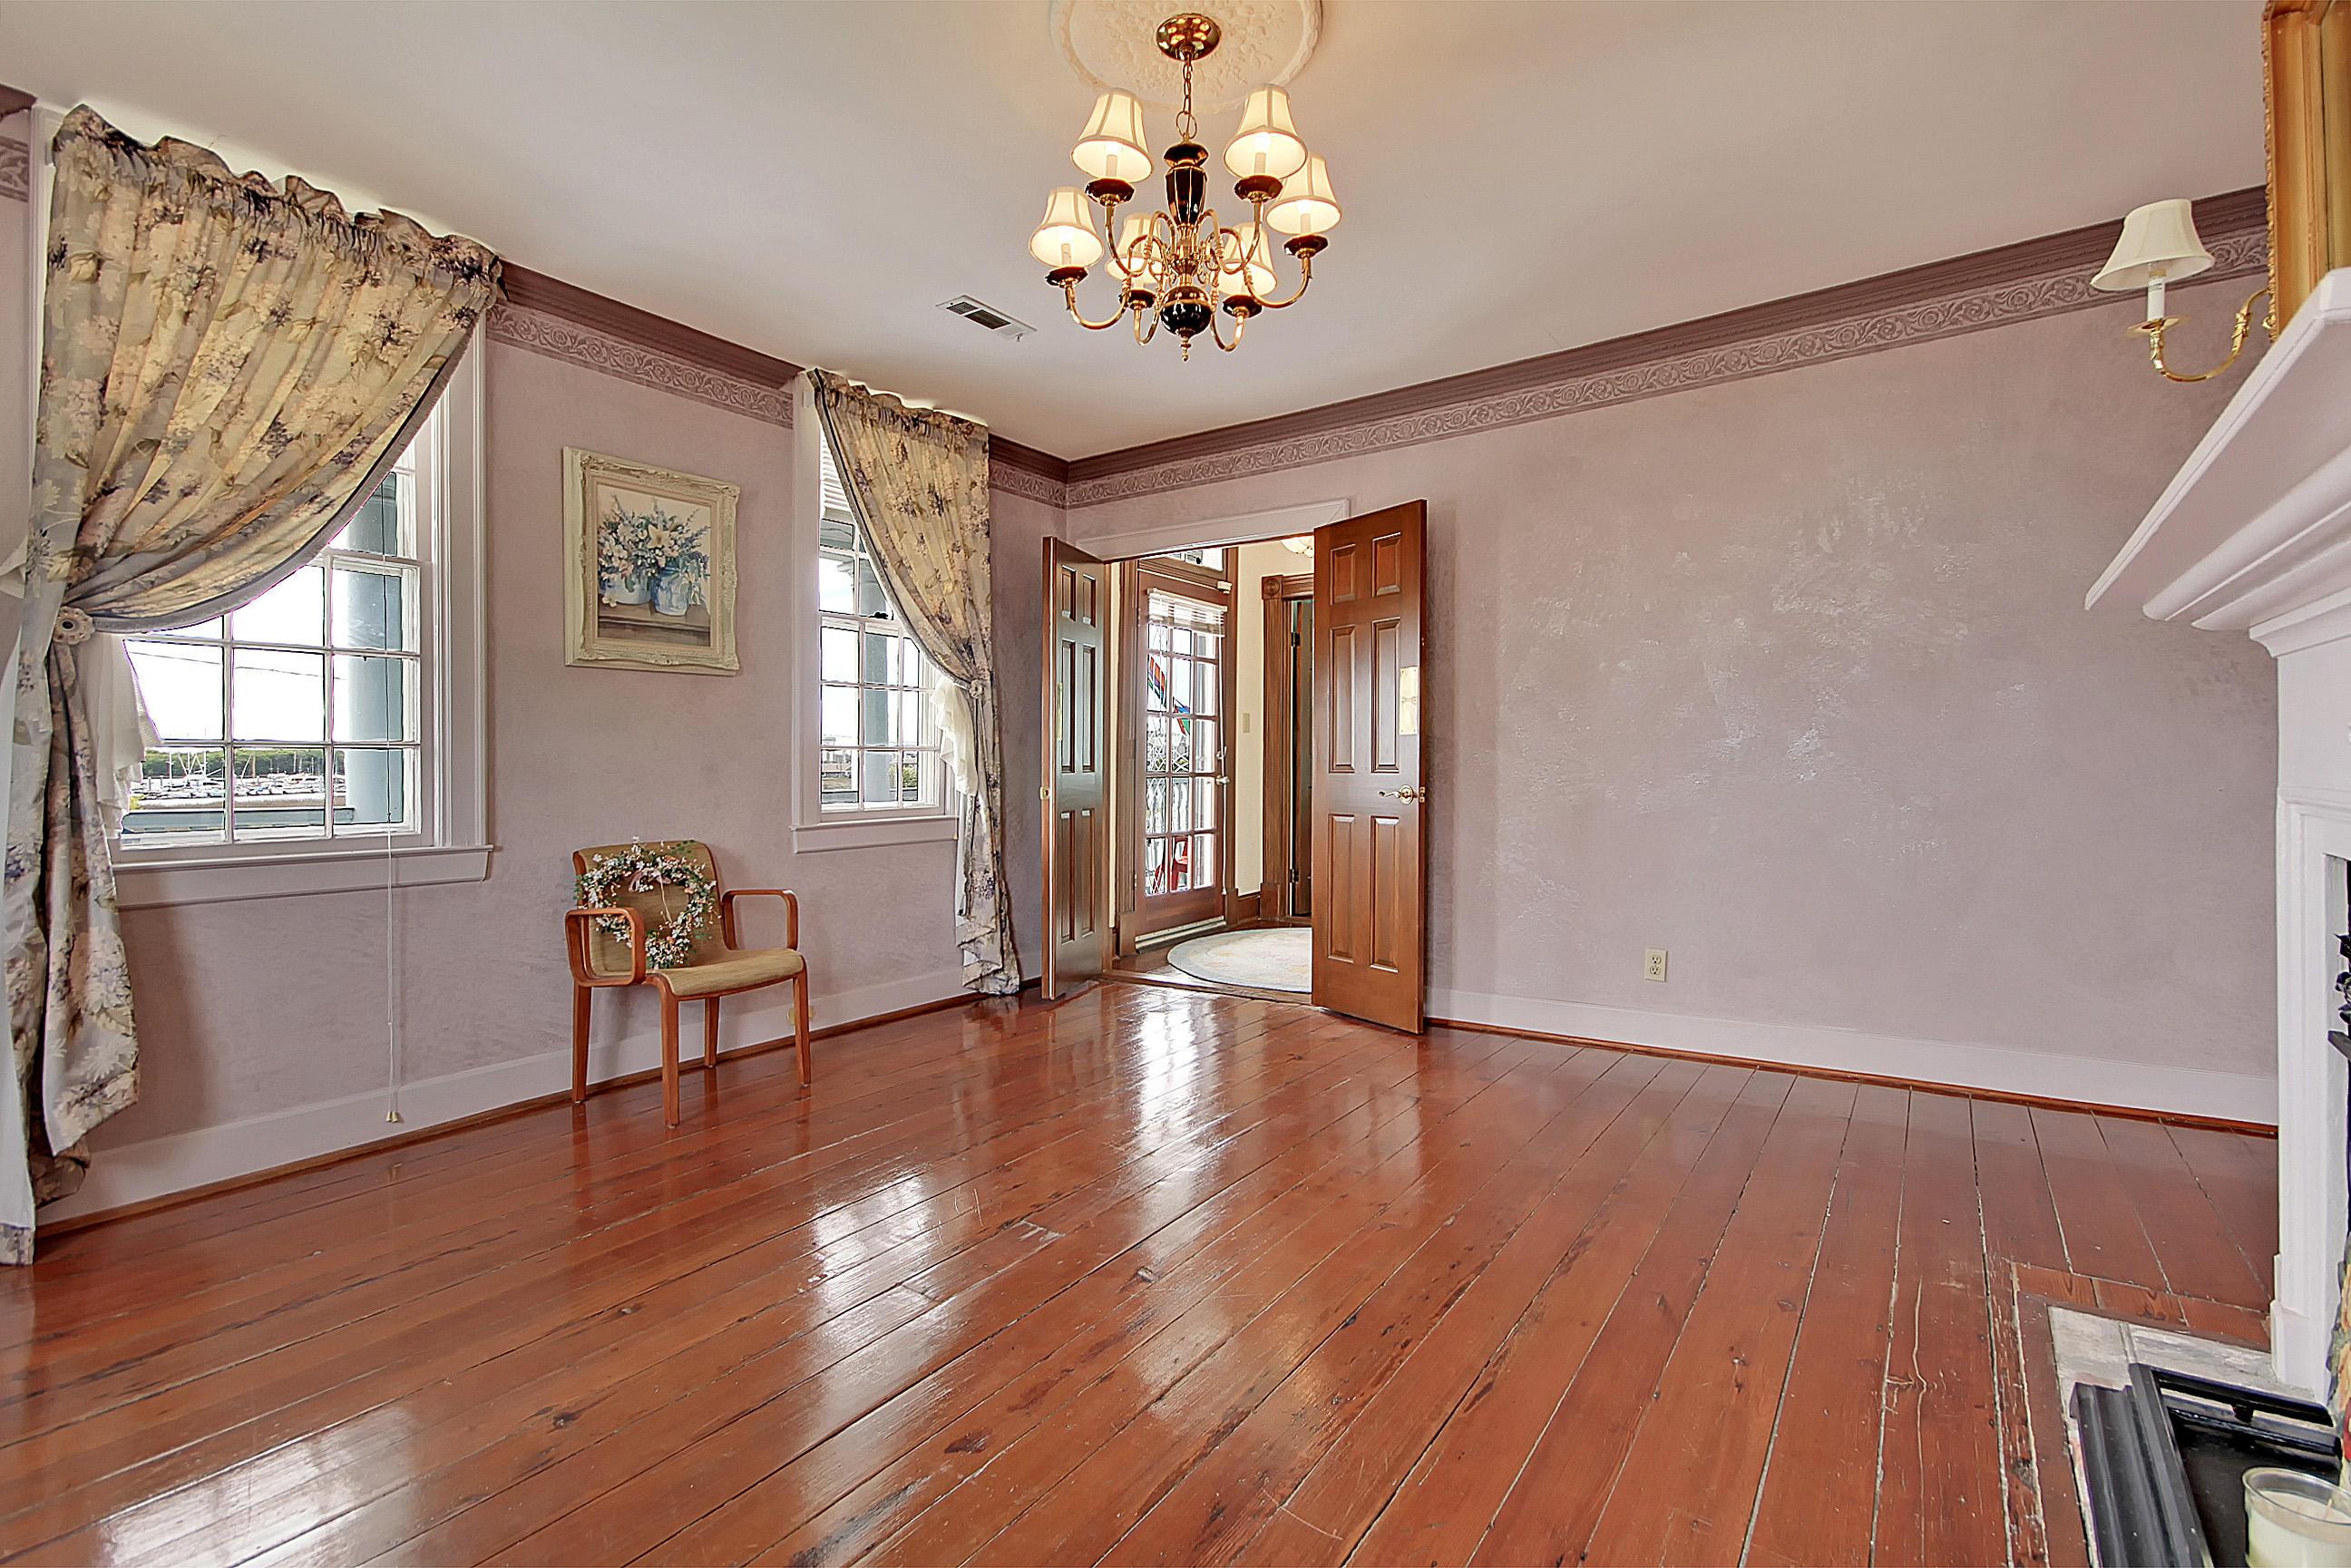 Harleston Village Homes For Sale - 218 Wentworth, Charleston, SC - 54